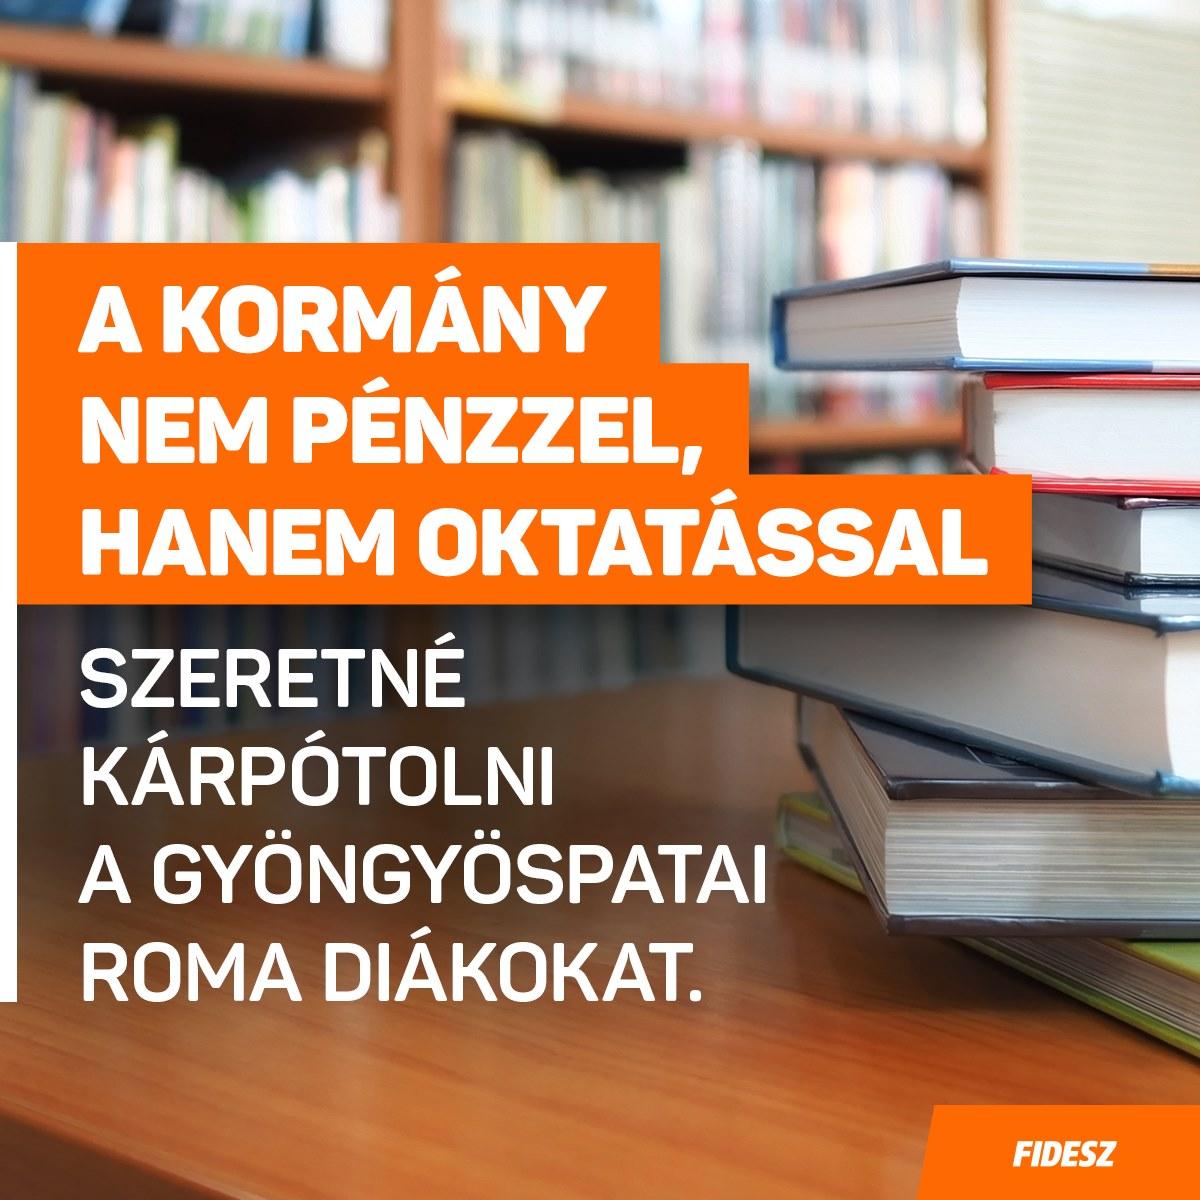 A kormány nem pénzzel, hanem oktatással szeretné kárpótolni a gyöngyöspatai roma diá…